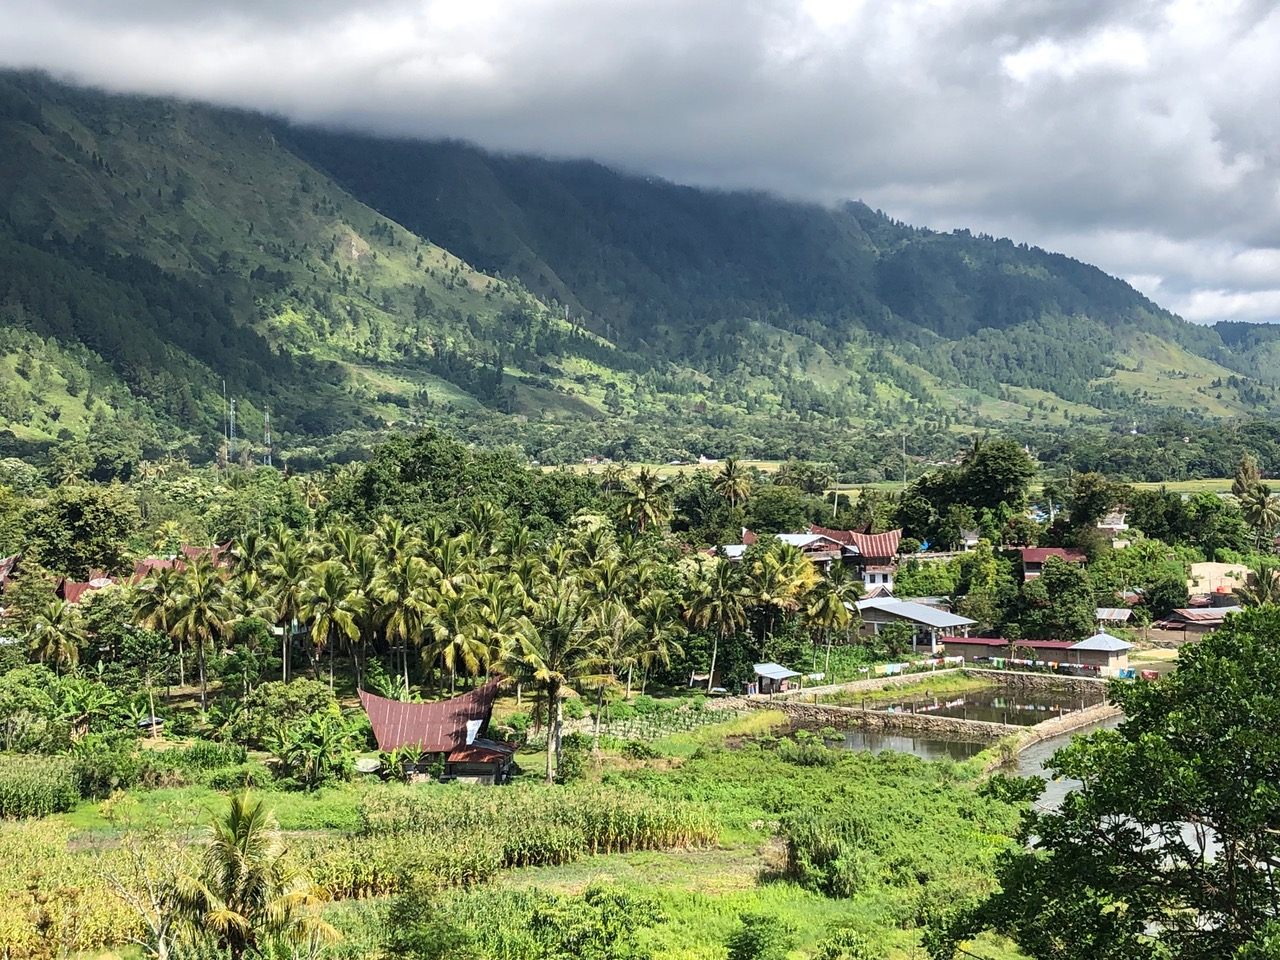 Les montagnes du Lac Toba à Sumatra en Indonésie